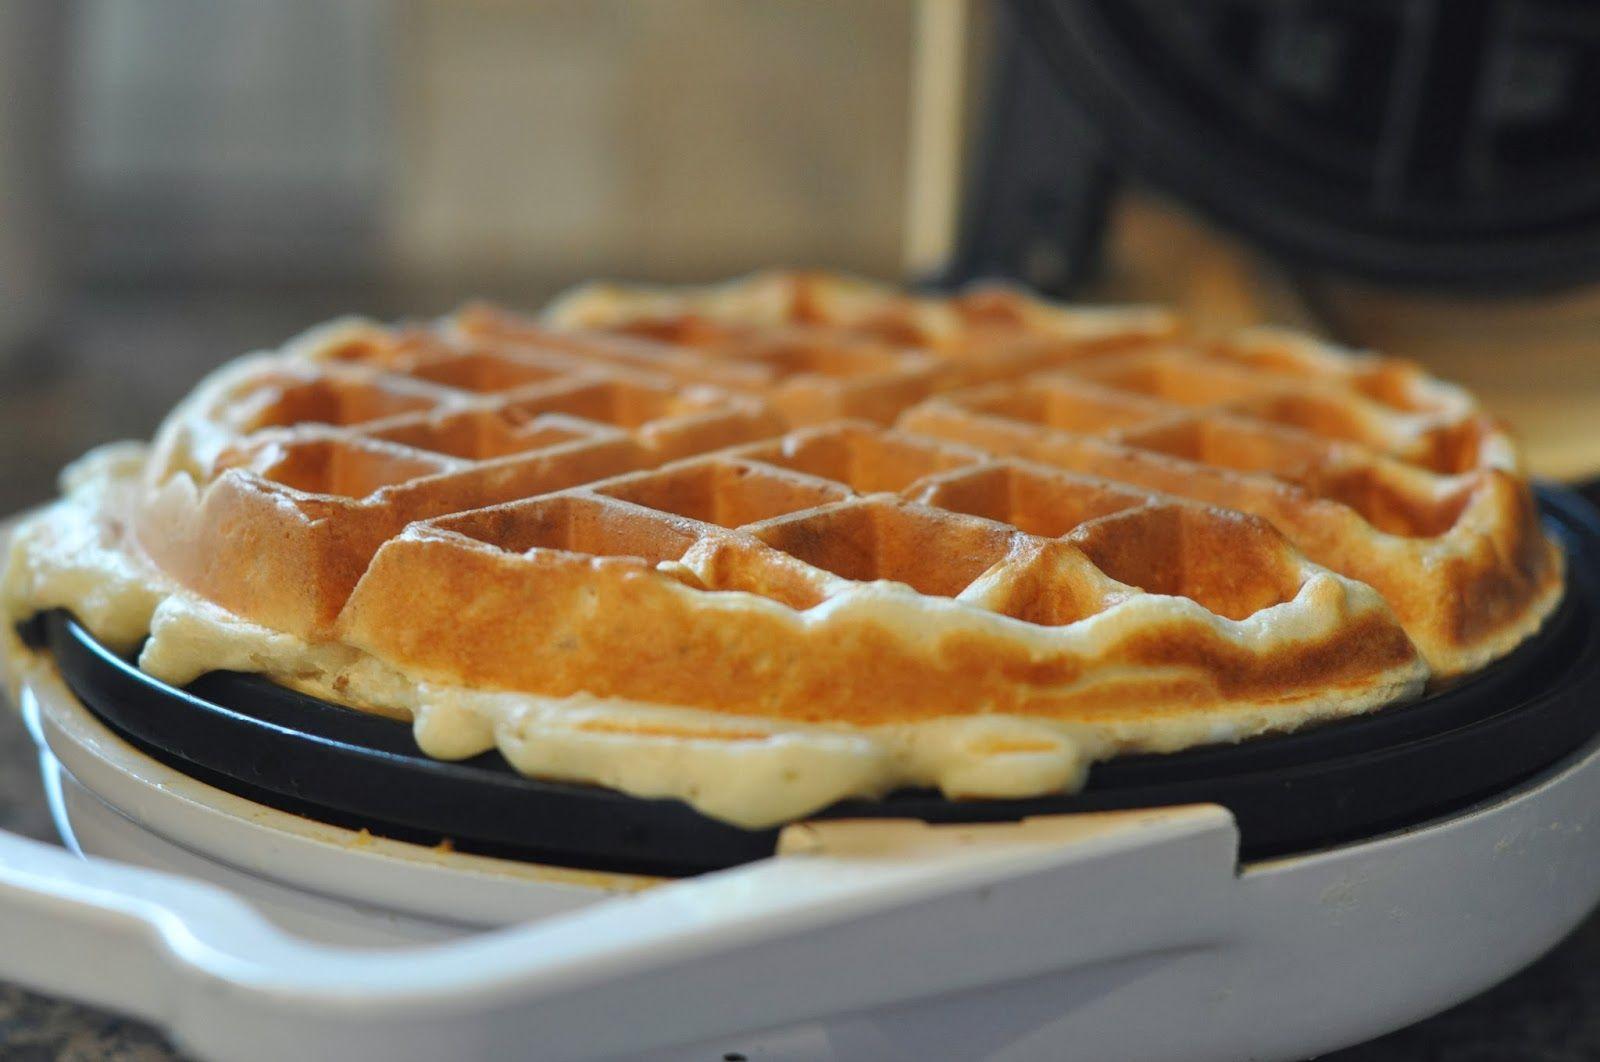 Receta. Los mejores Waffles. Así de simple   Desayuno y Recetas